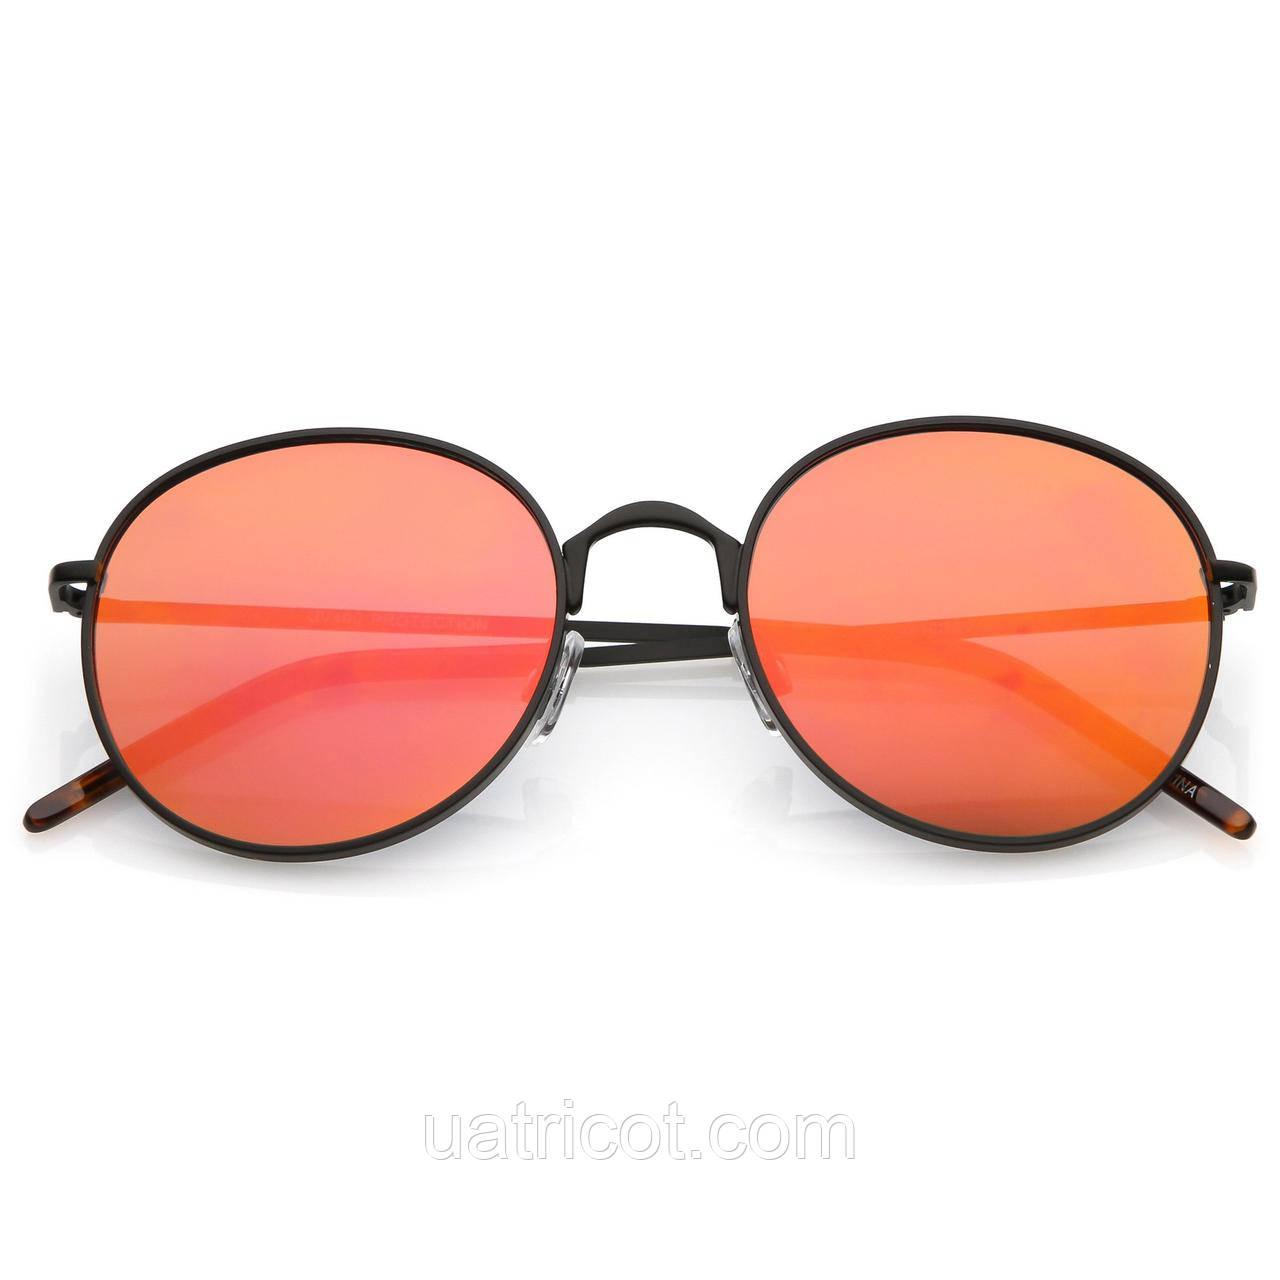 Женские круглые солнцезащитные очки Retro с оранжевой зеркальной линзой